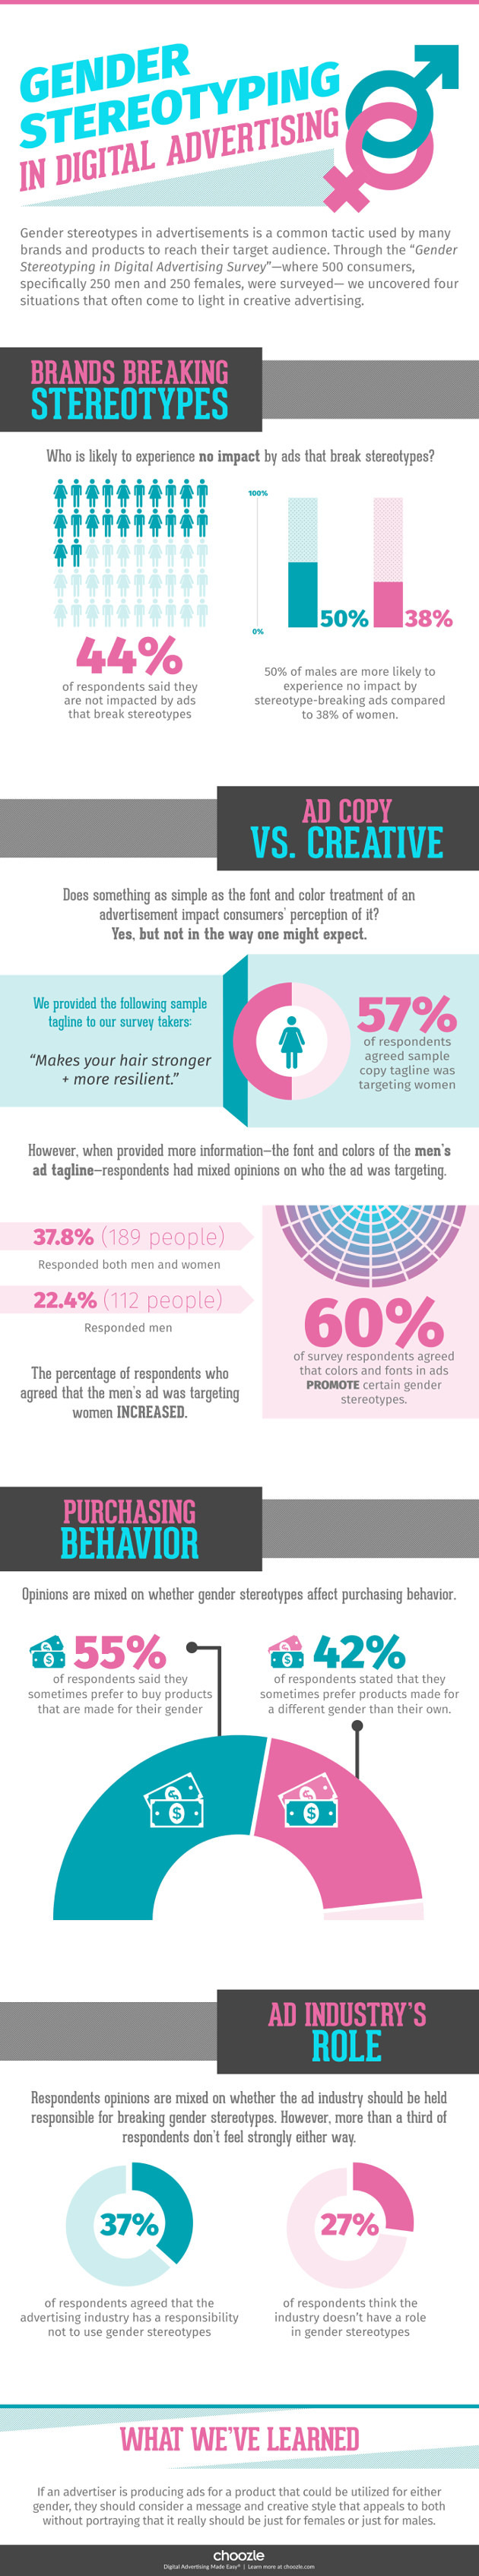 El impacto de los (trasnochados) clichés de género en la publicidad digital